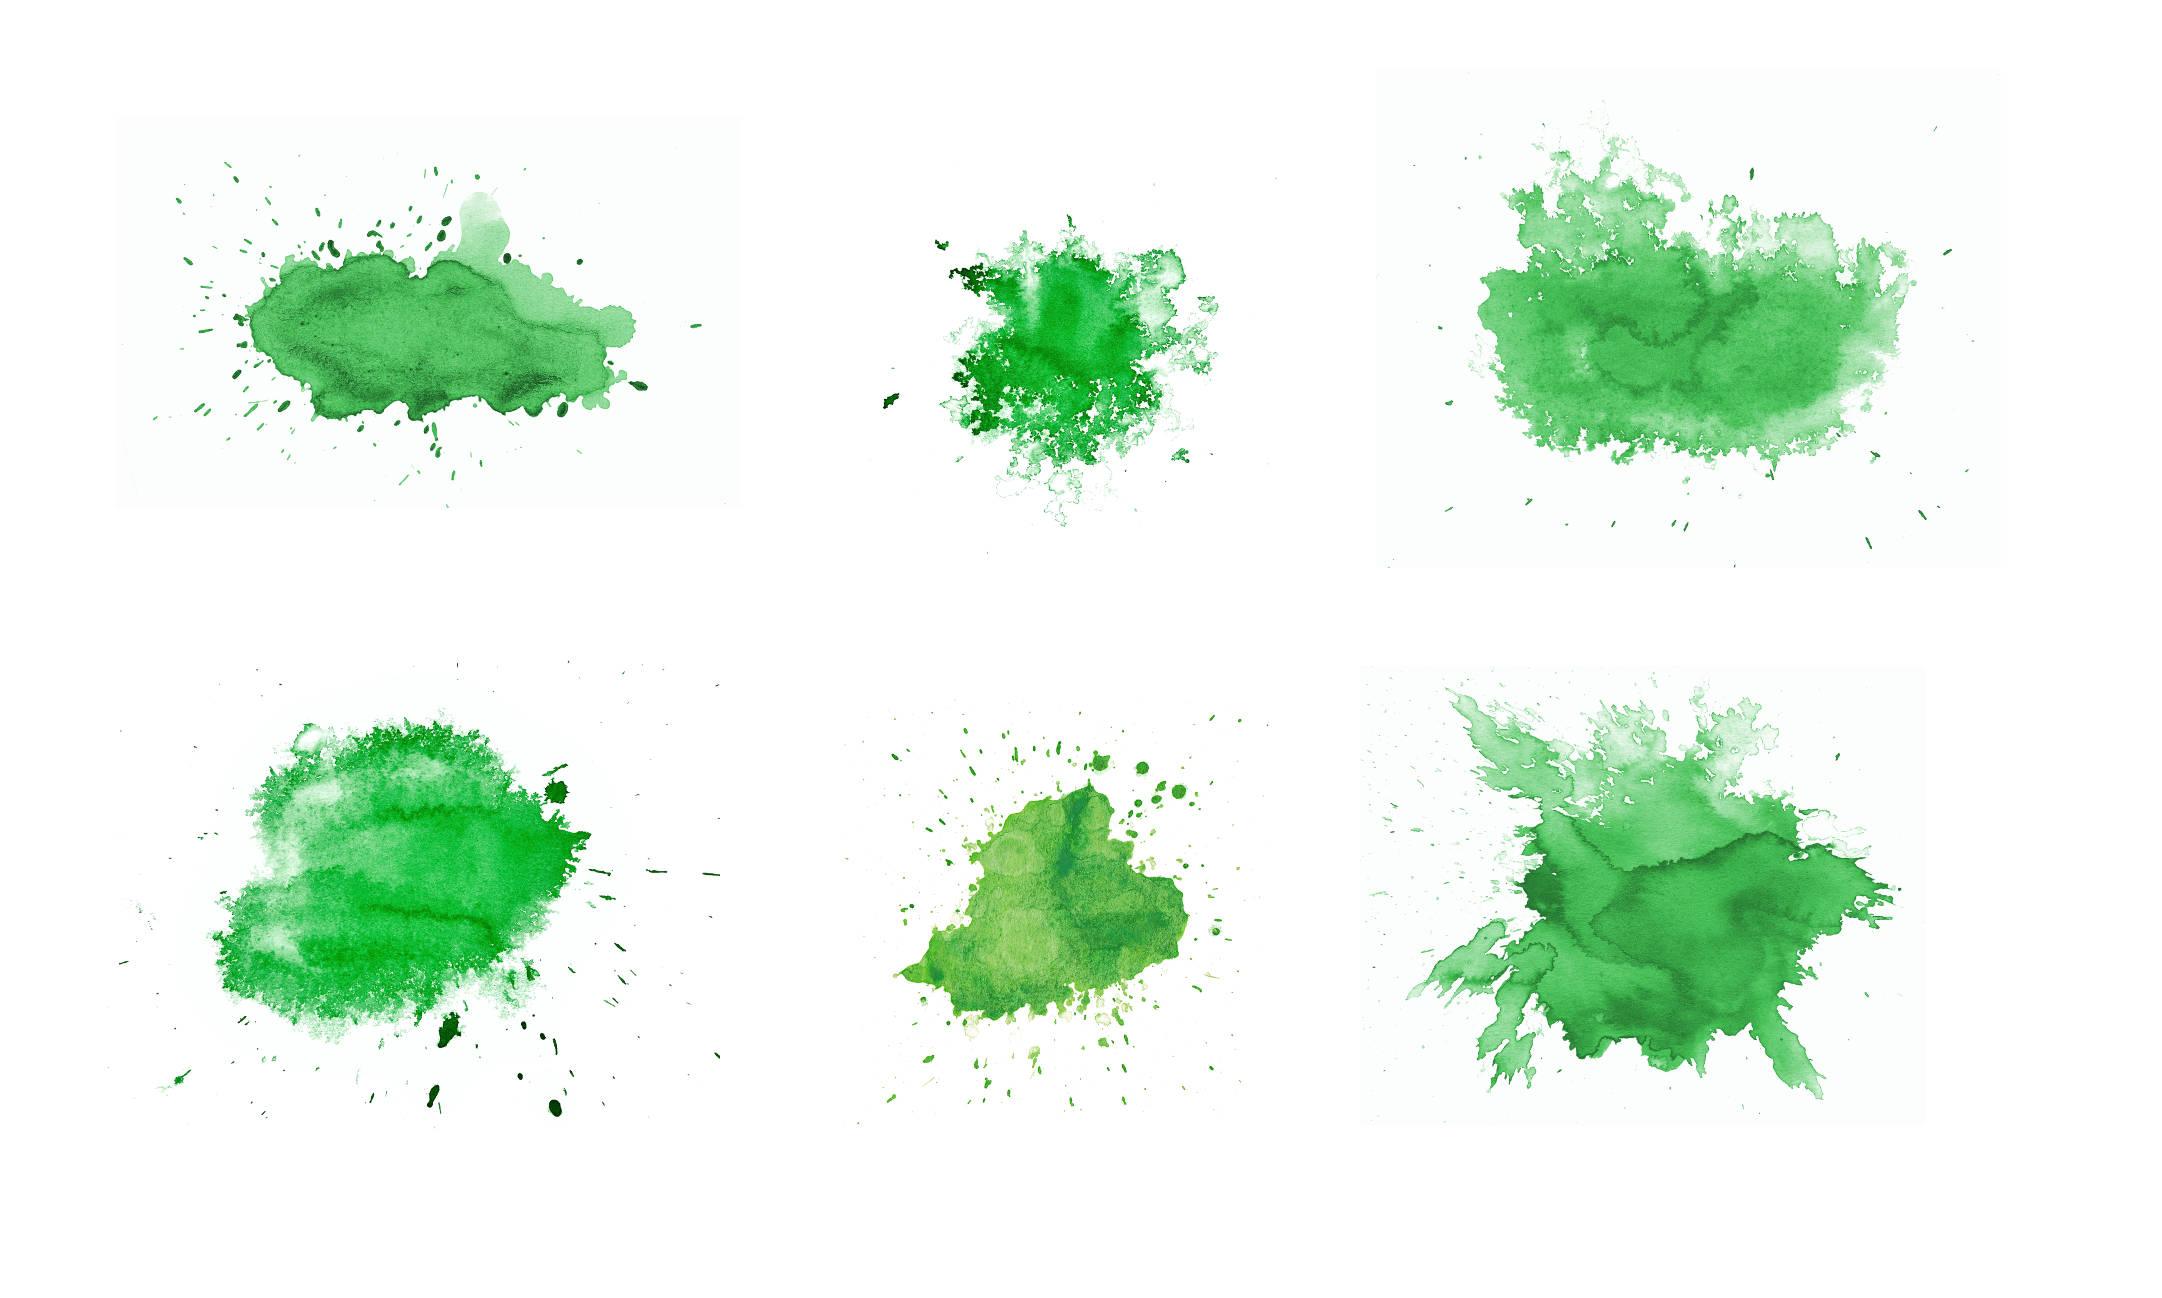 6-green-watercolor-splatter-background-cover.jpg